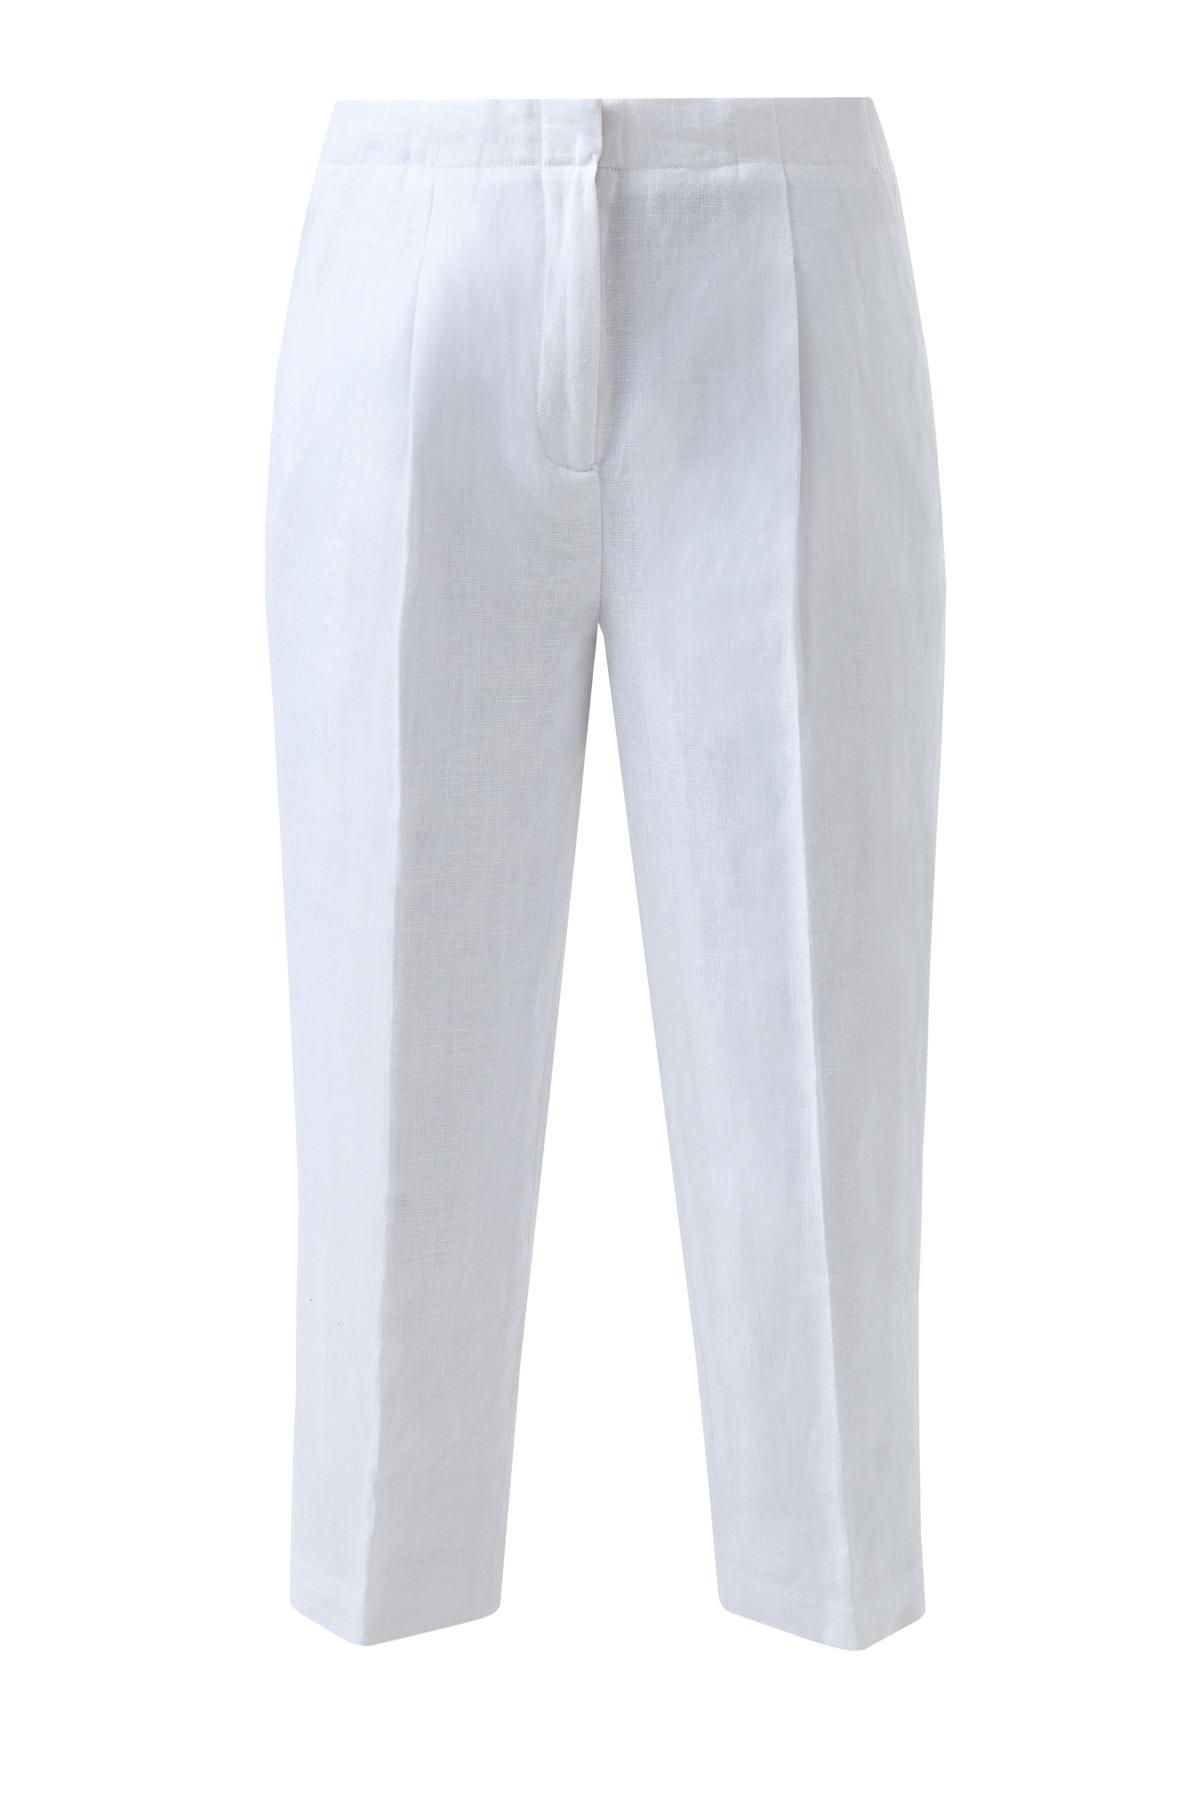 Укороченные брюки изо льна с заложенными складками фото